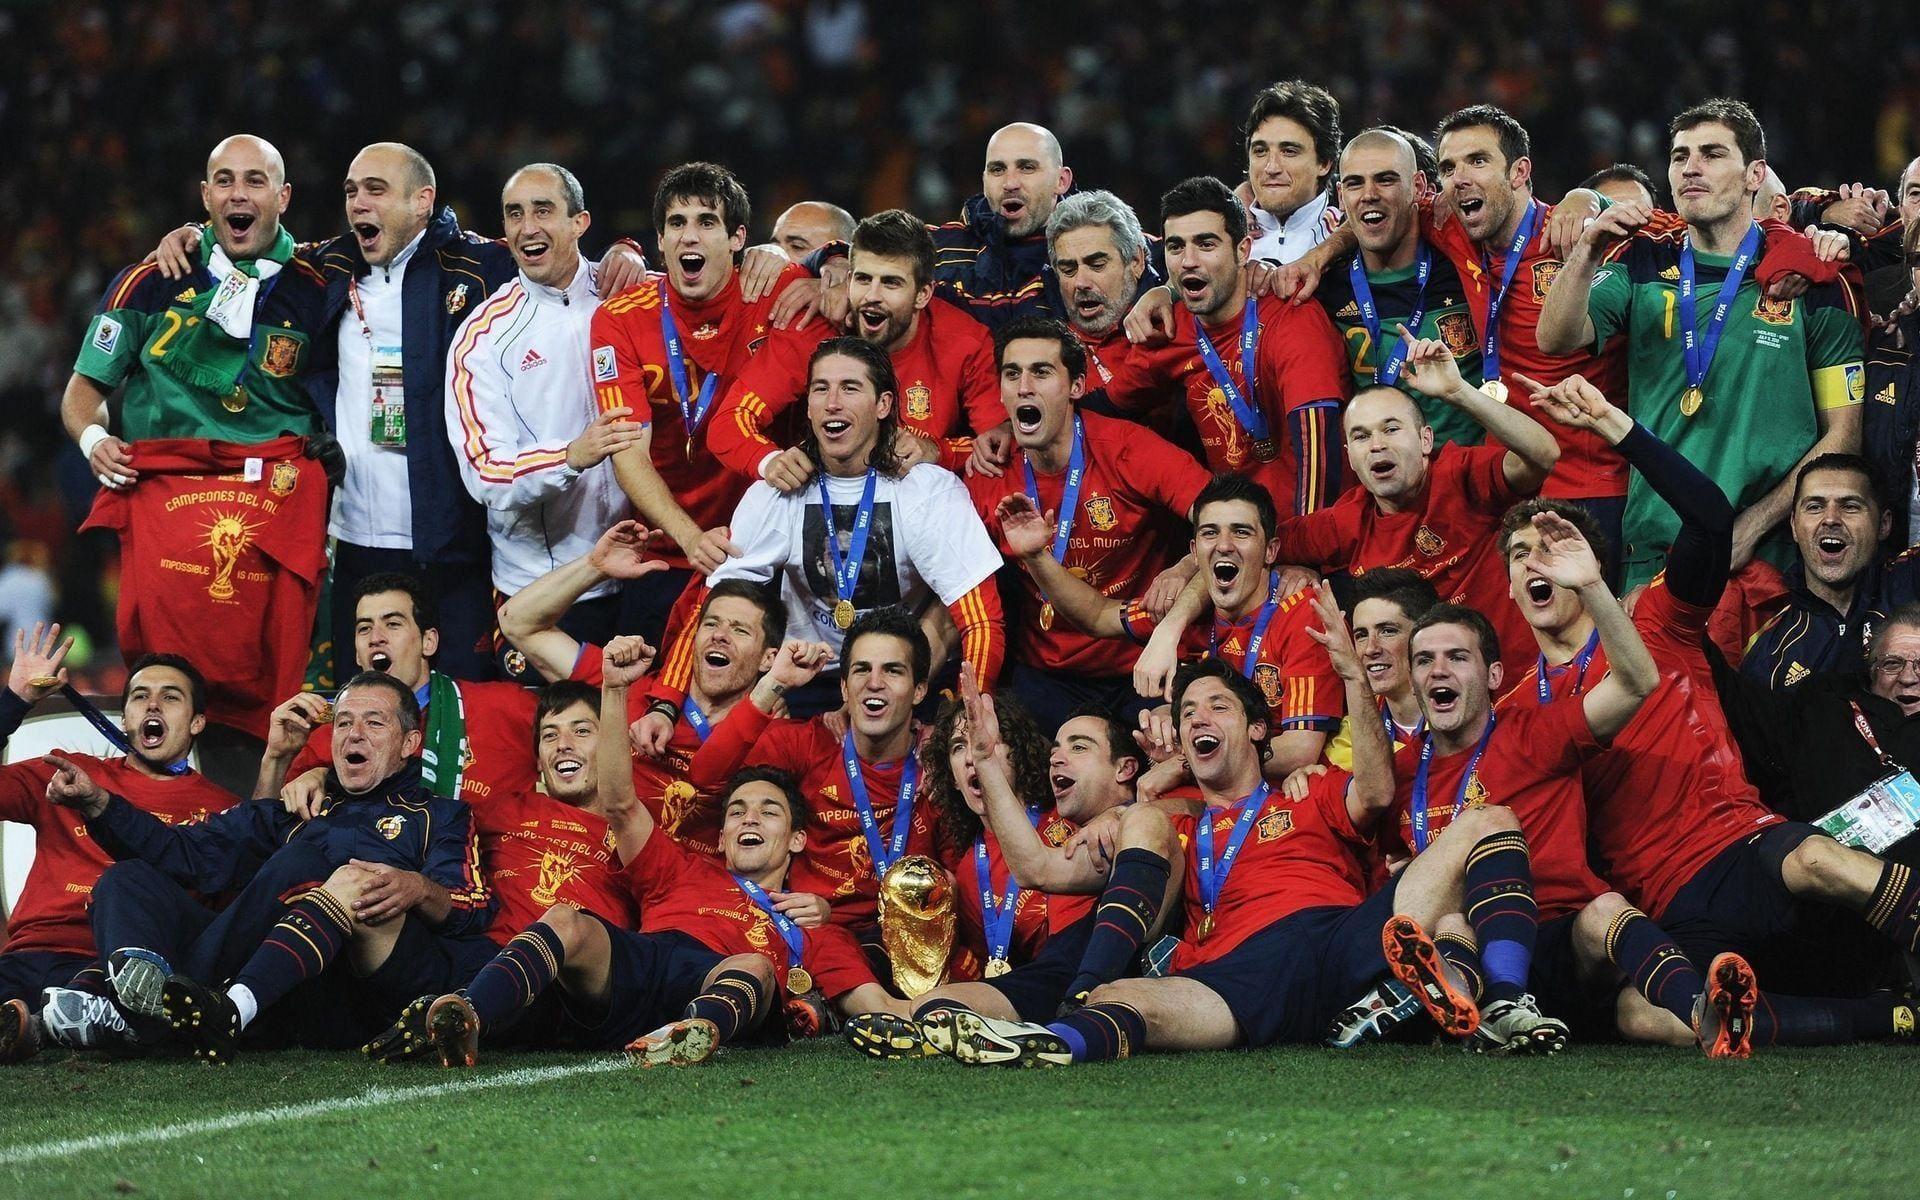 پخش زنده و مستقیم فوتبال لیگ ملتهای اروپا